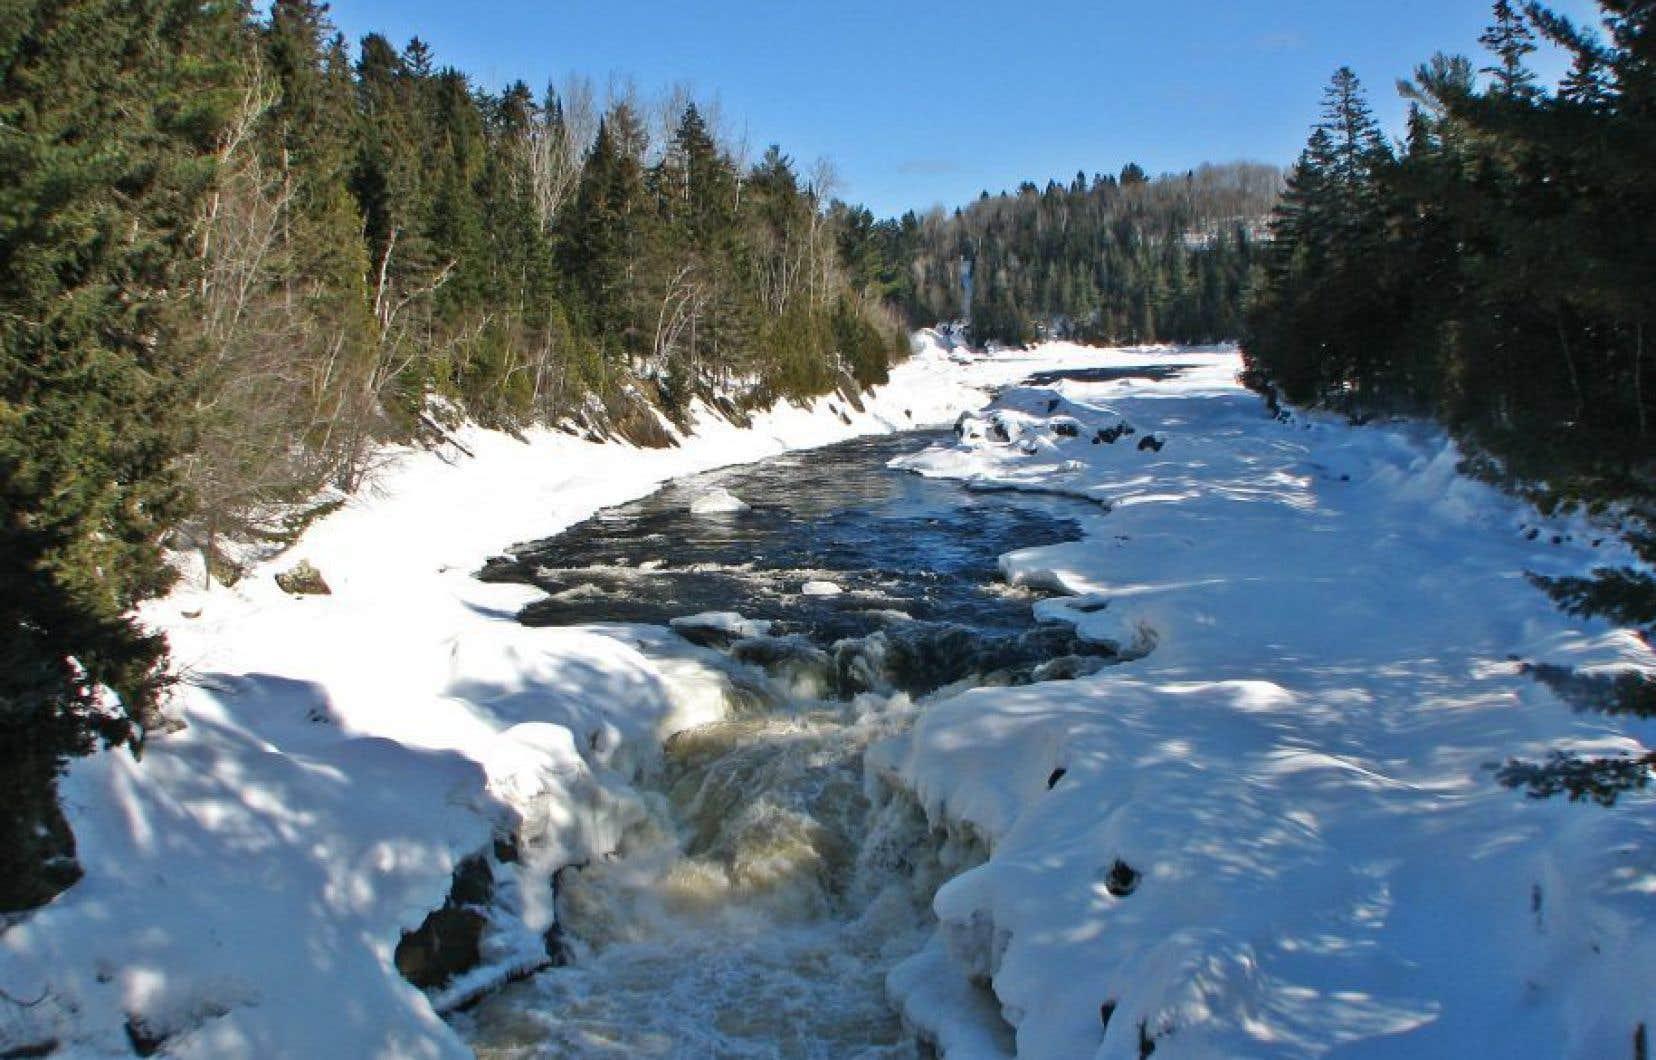 Selon l'analyse des chercheurs de Polytechnique, le pipeline pose un risque «élevé» de glissements de terrain pour plusieurs cours d'eau, dont la rivière Batiscan.